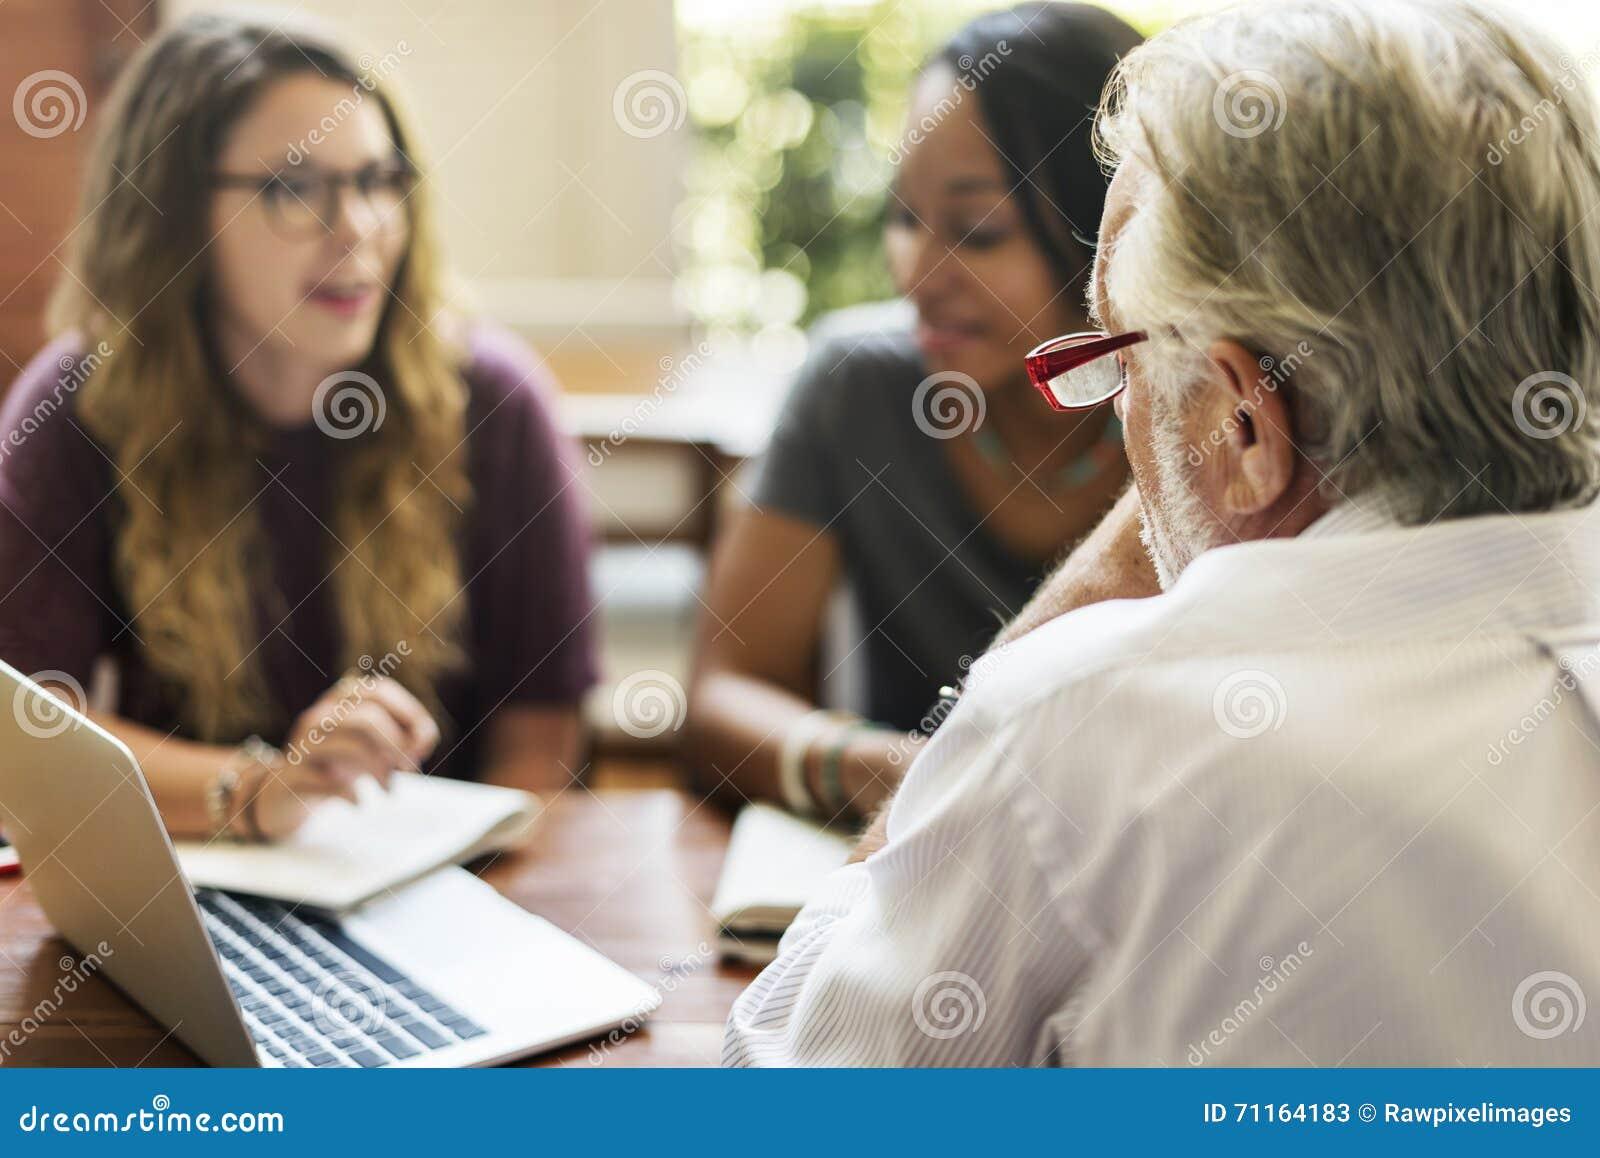 De Planningsconcept van leraarsstudents meeting talking